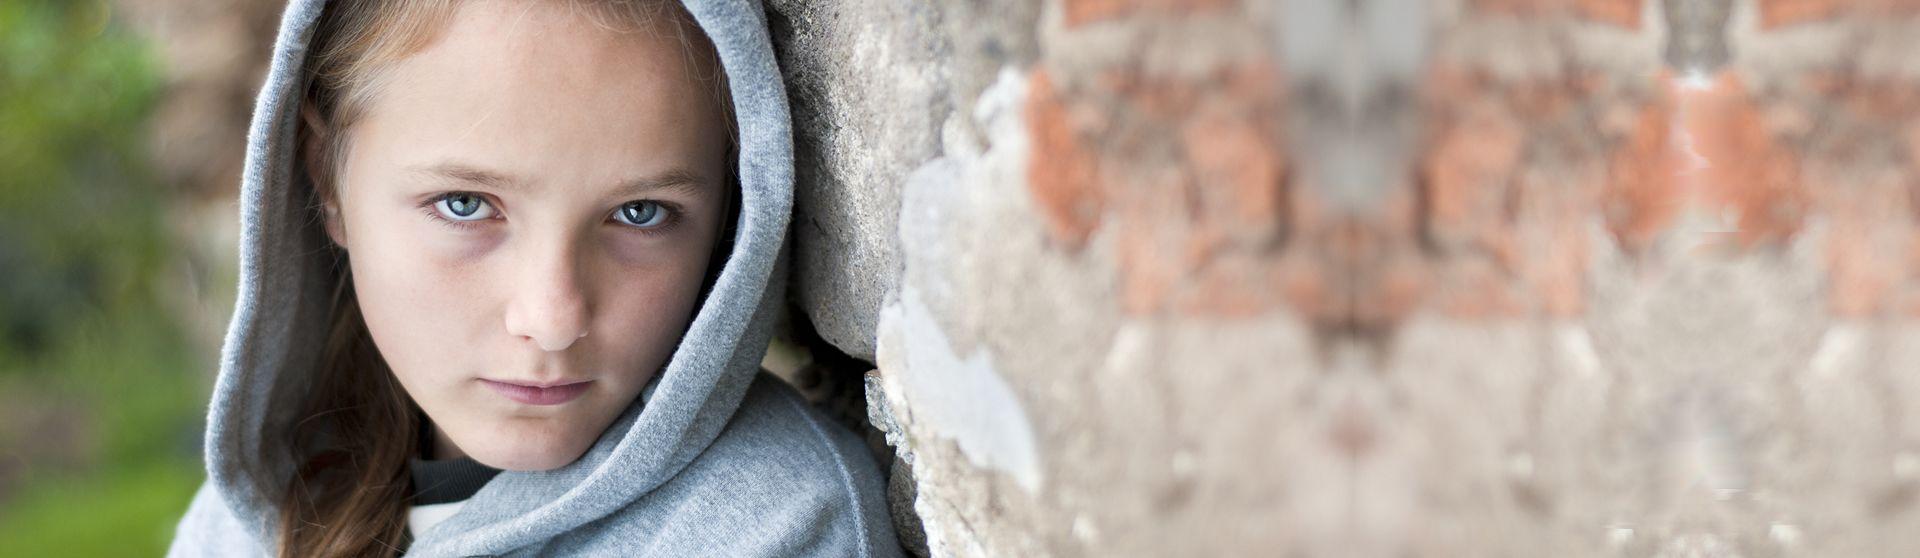 Israel Orphaned Girls>